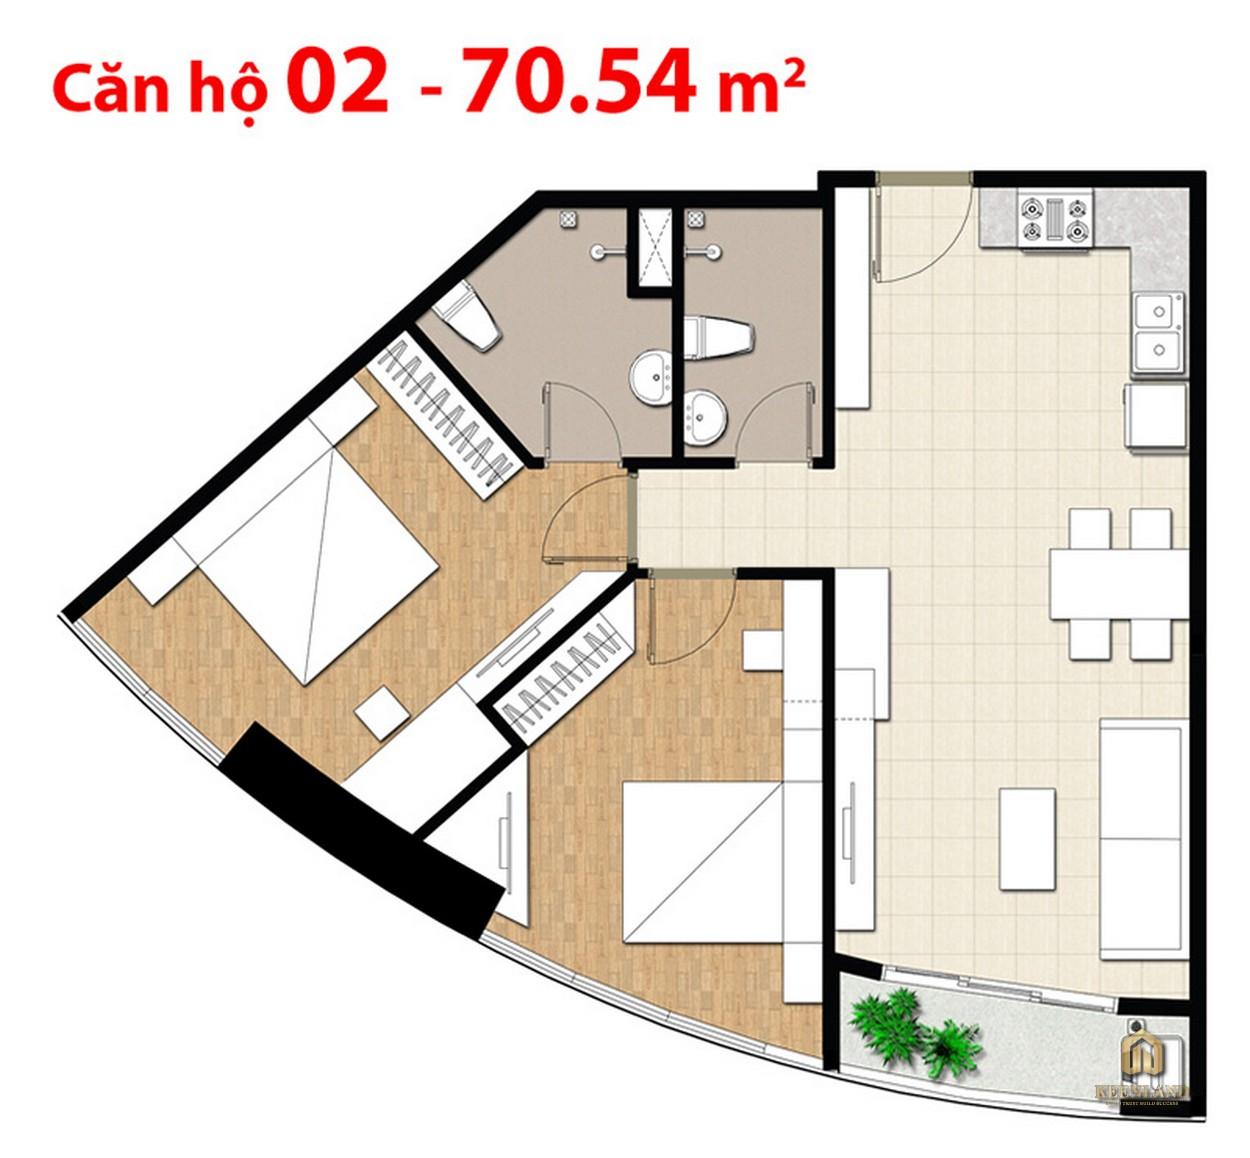 Mặt bằng căn hộ điển hình dự án Tulip Tower Quận 7